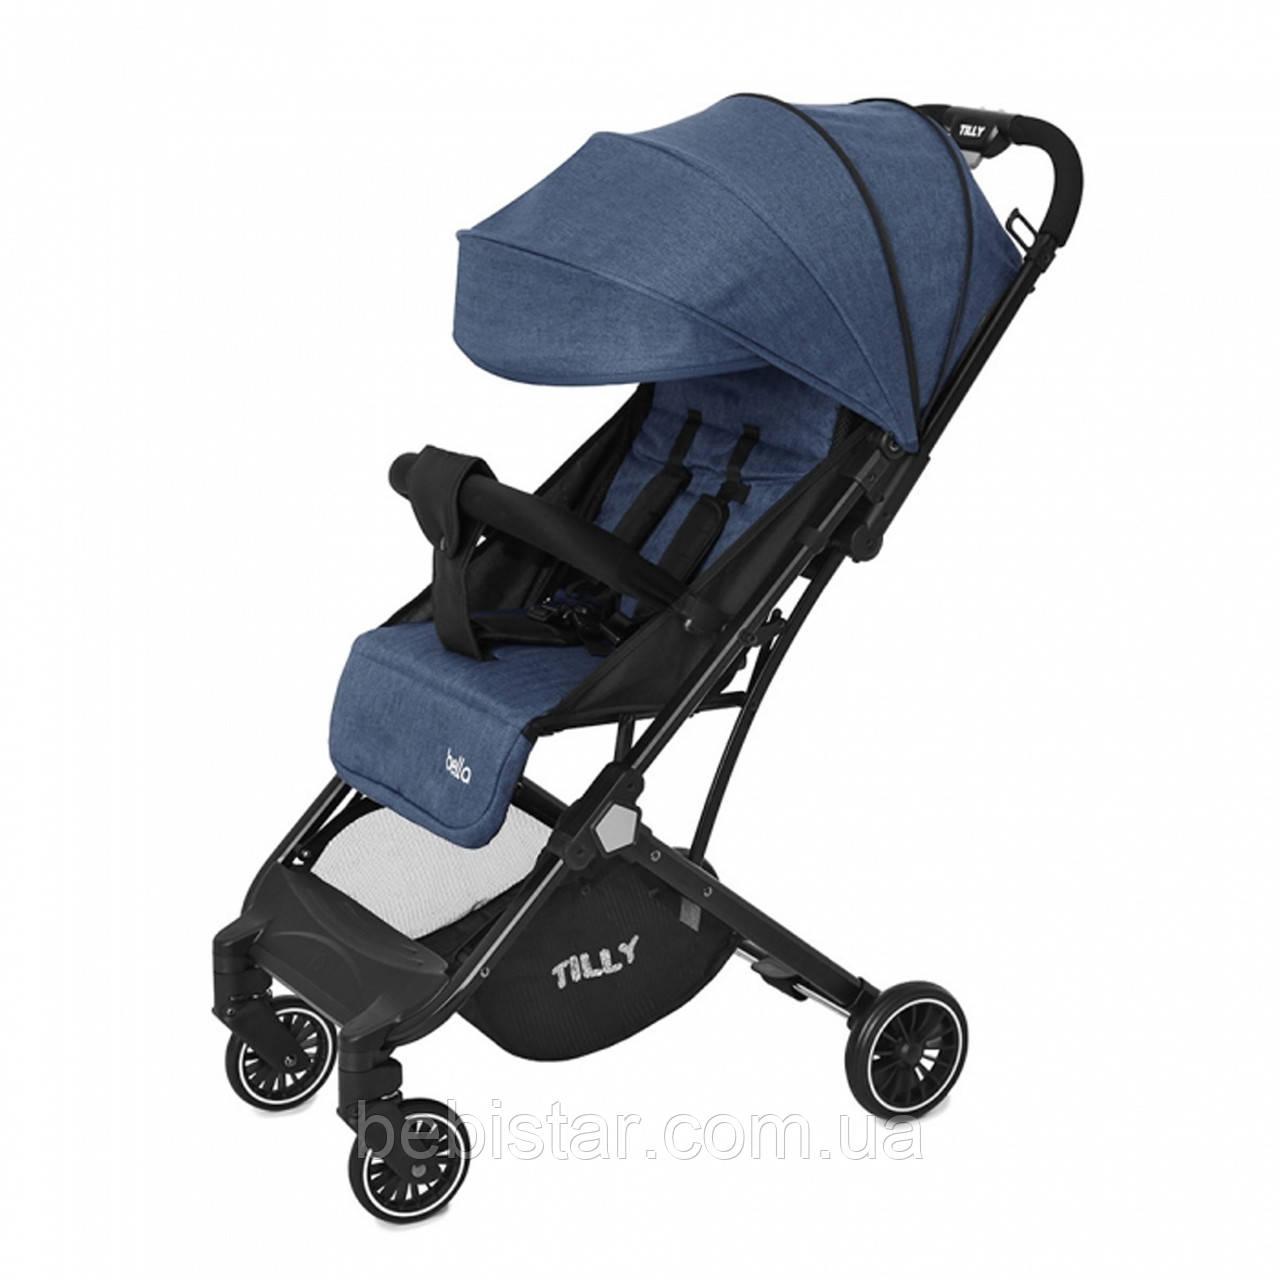 Детская прогулочная коляска синяя Tilly Bella чехол на ножки сумка москитная сетка дождевик от 6 до 36 месяцев